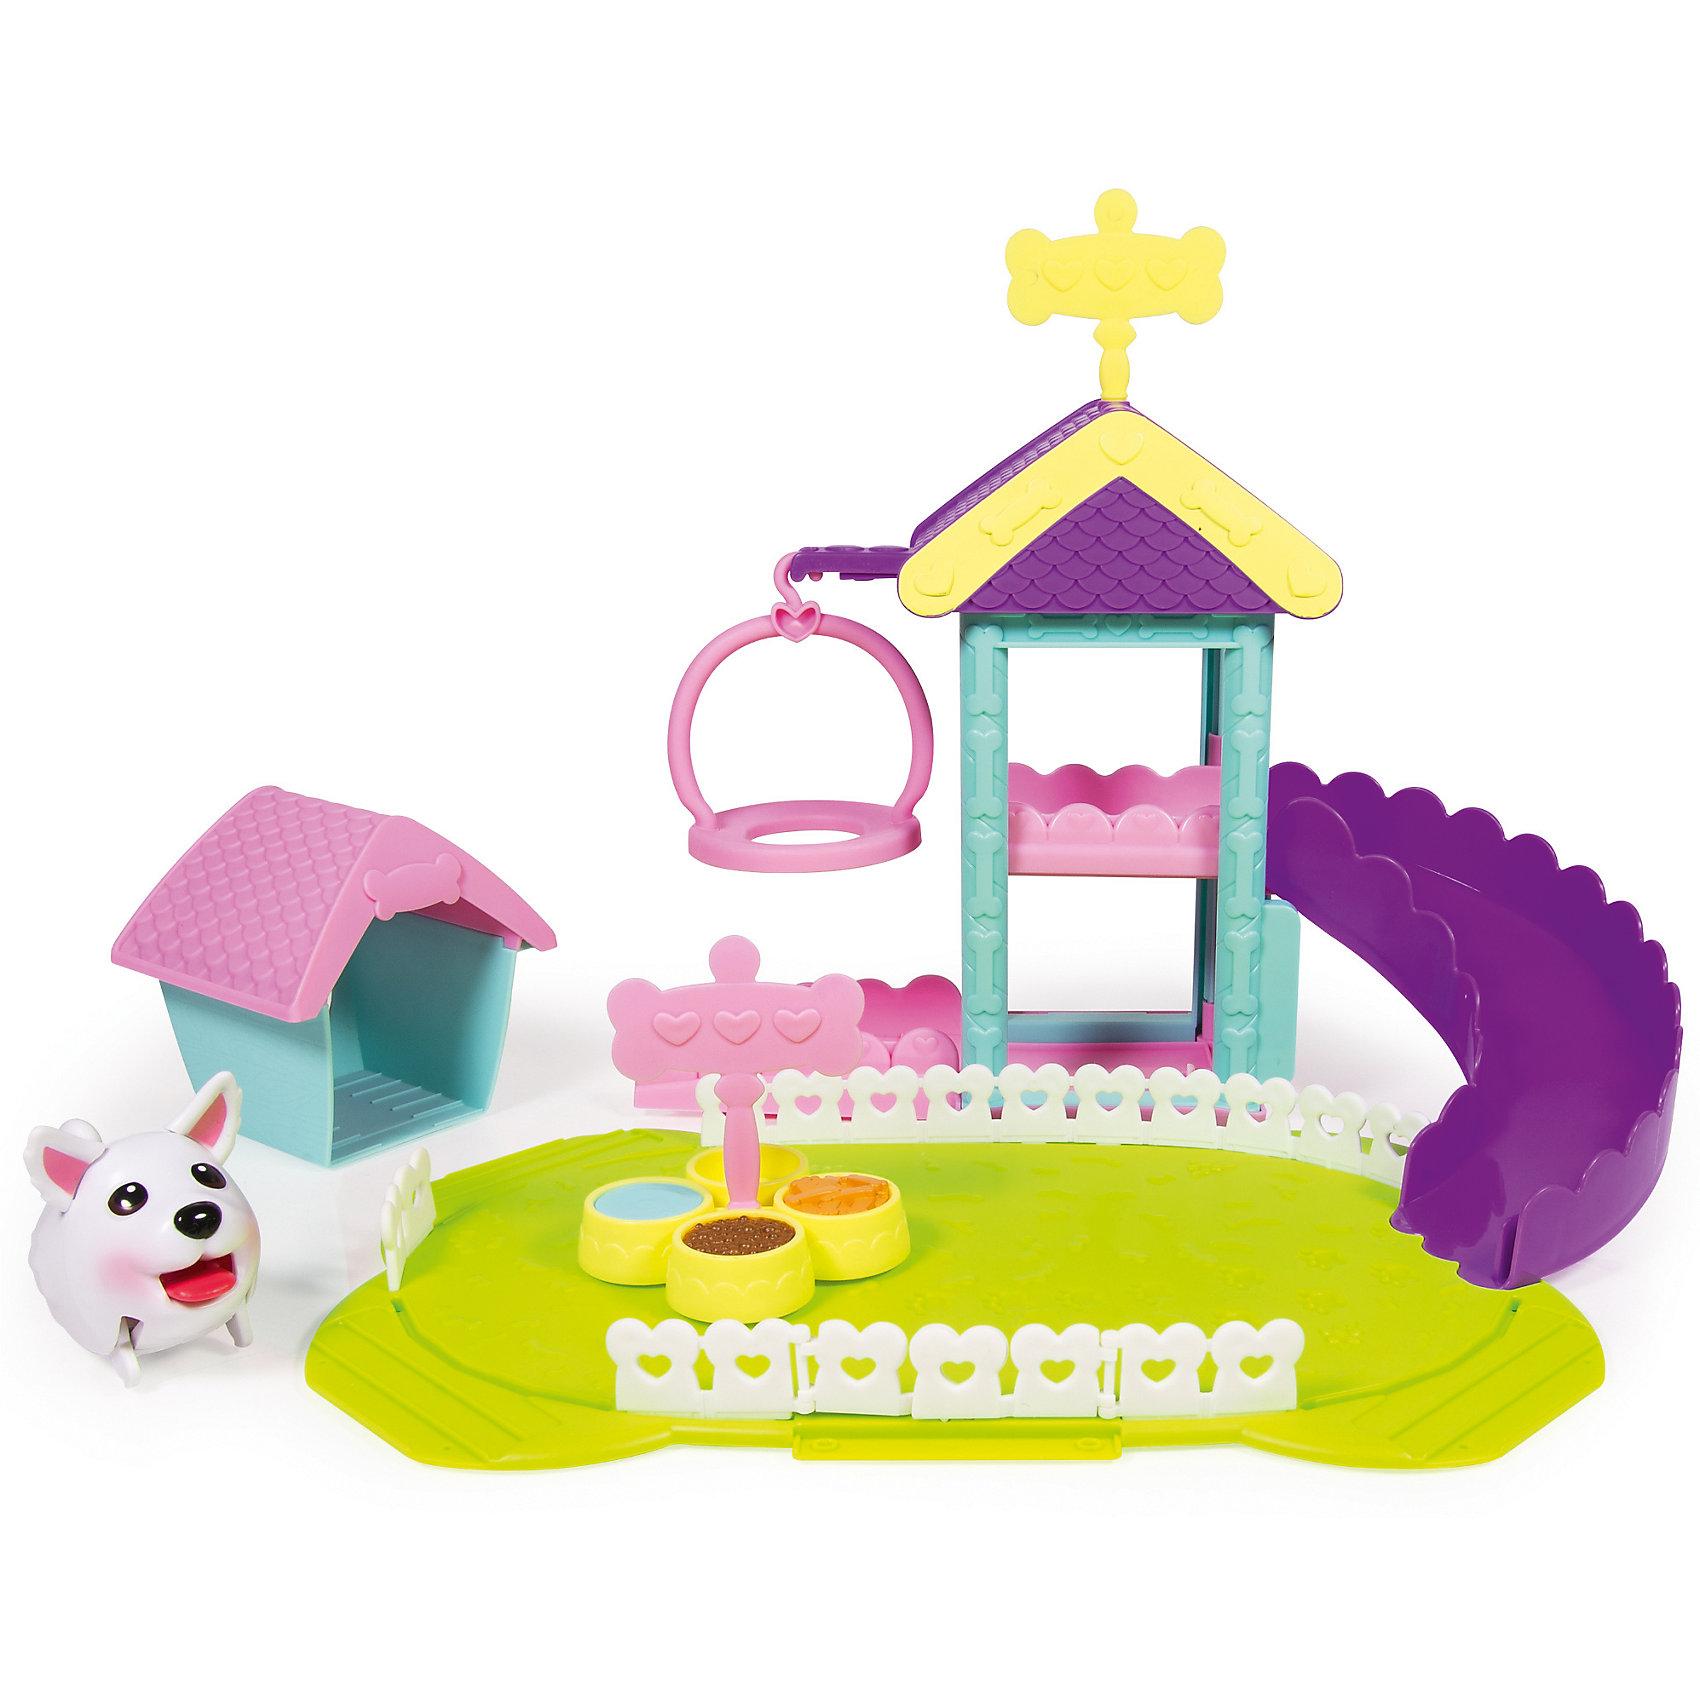 Игровой набор Парк развлечений, Chubby PuppiesМир животных<br>Характеристики товара:<br><br>- цвет: разноцветный;<br>- материал: пластик, металл;<br>- комплектация: щенок, качели, горка, аксессуары;<br>- особенности: щенок ходит;<br>- батарейки в комплекте;<br>- размер упаковки: 46 х 14 х 25 см;<br>- упаковка: картонная коробка блистерного типа;<br>- вес: 1500 г;<br>- страна обладатель бренда: Канада.<br><br>Такой веселый щенок не оставит ребенка равнодушным! Какой малыш откажется поиграть с щенком-игрушкой, который умеет забавно ходить?! Игрушка отлично детализирована, очень качественно выполнена, поэтому она станет отличным подарком ребенку. В наборе идут качели, горка и аксессуары для щенка.<br>Изделие произведено из высококачественного материала, безопасного для детей.<br><br>Игровой набор Парк развлечений от бренда Chubby Puppies можно купить в нашем интернет-магазине.<br><br>Ширина мм: 140<br>Глубина мм: 250<br>Высота мм: 460<br>Вес г: 1580<br>Возраст от месяцев: 36<br>Возраст до месяцев: 2147483647<br>Пол: Унисекс<br>Возраст: Детский<br>SKU: 5039855